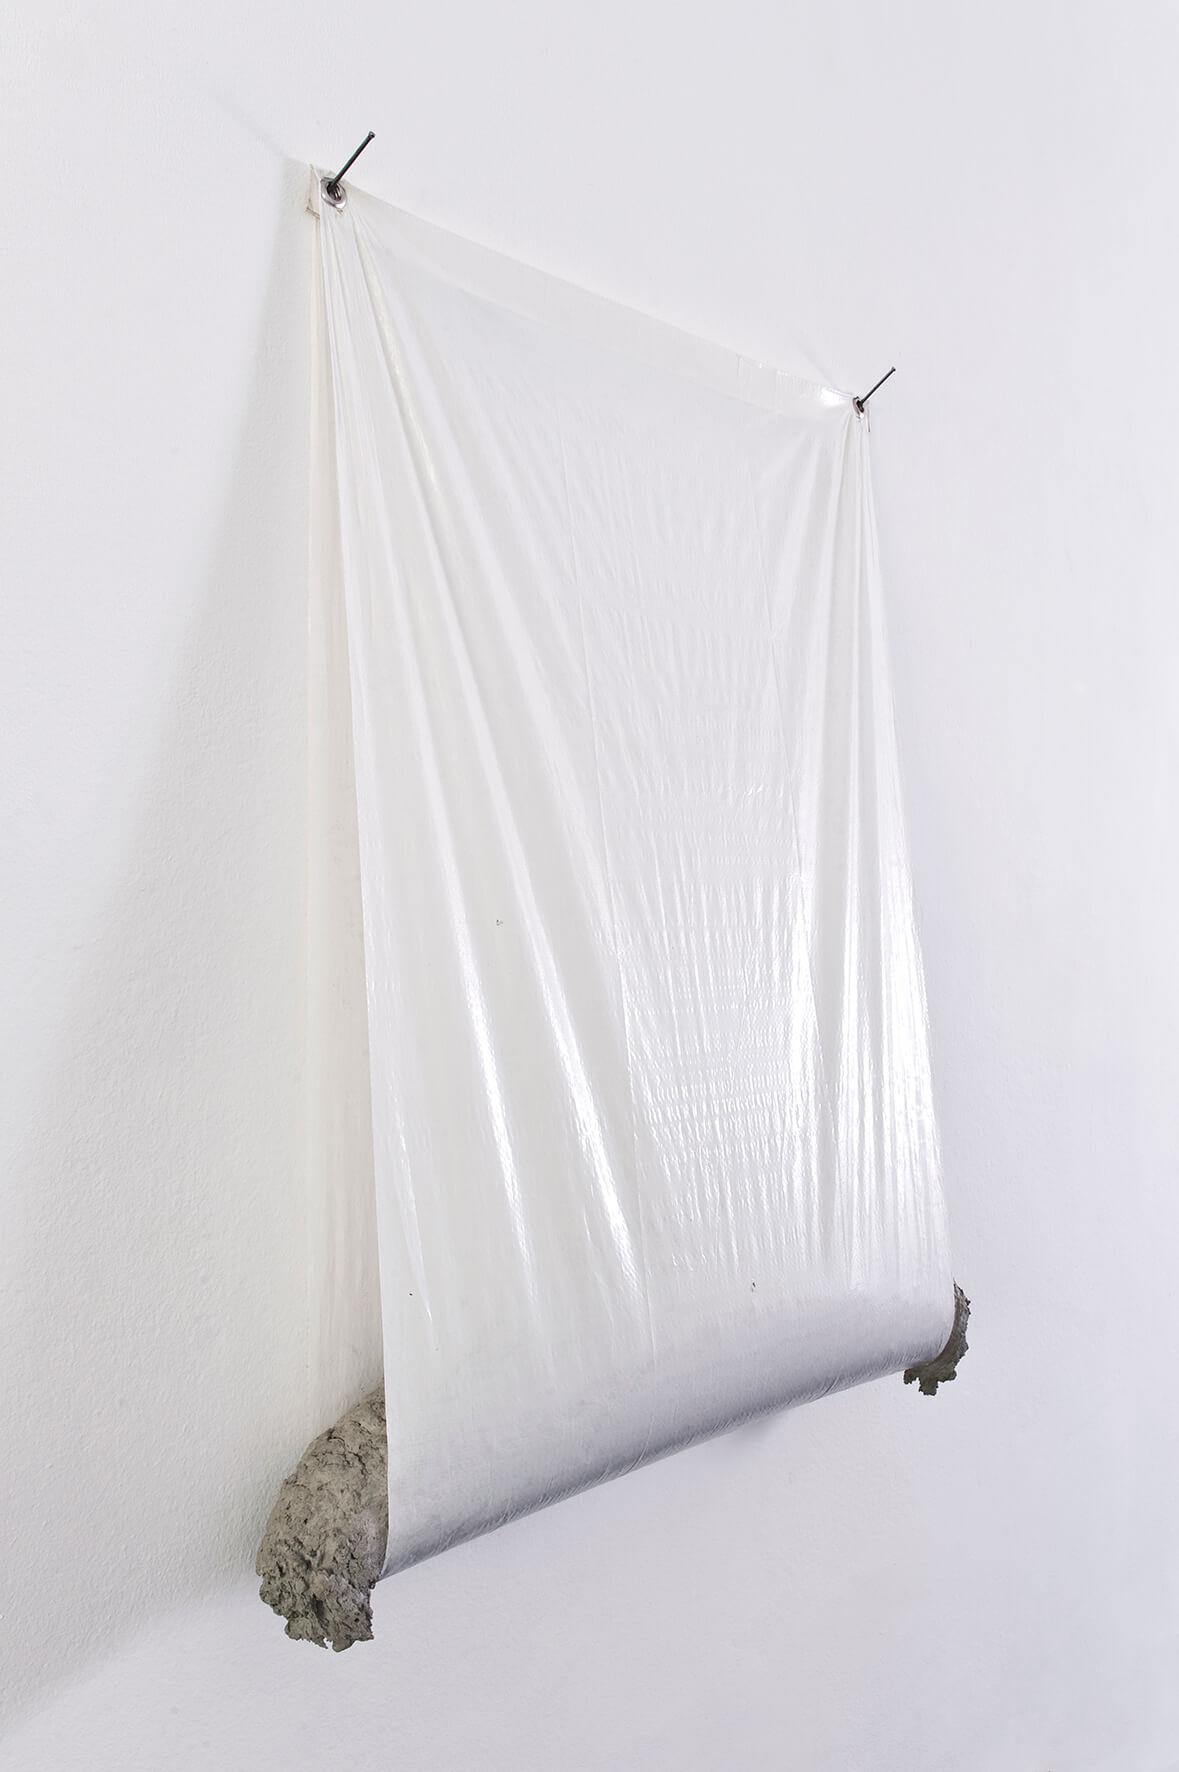 Beton (gerollt), 2012 | 10, 25, 80 | ProjecteSD